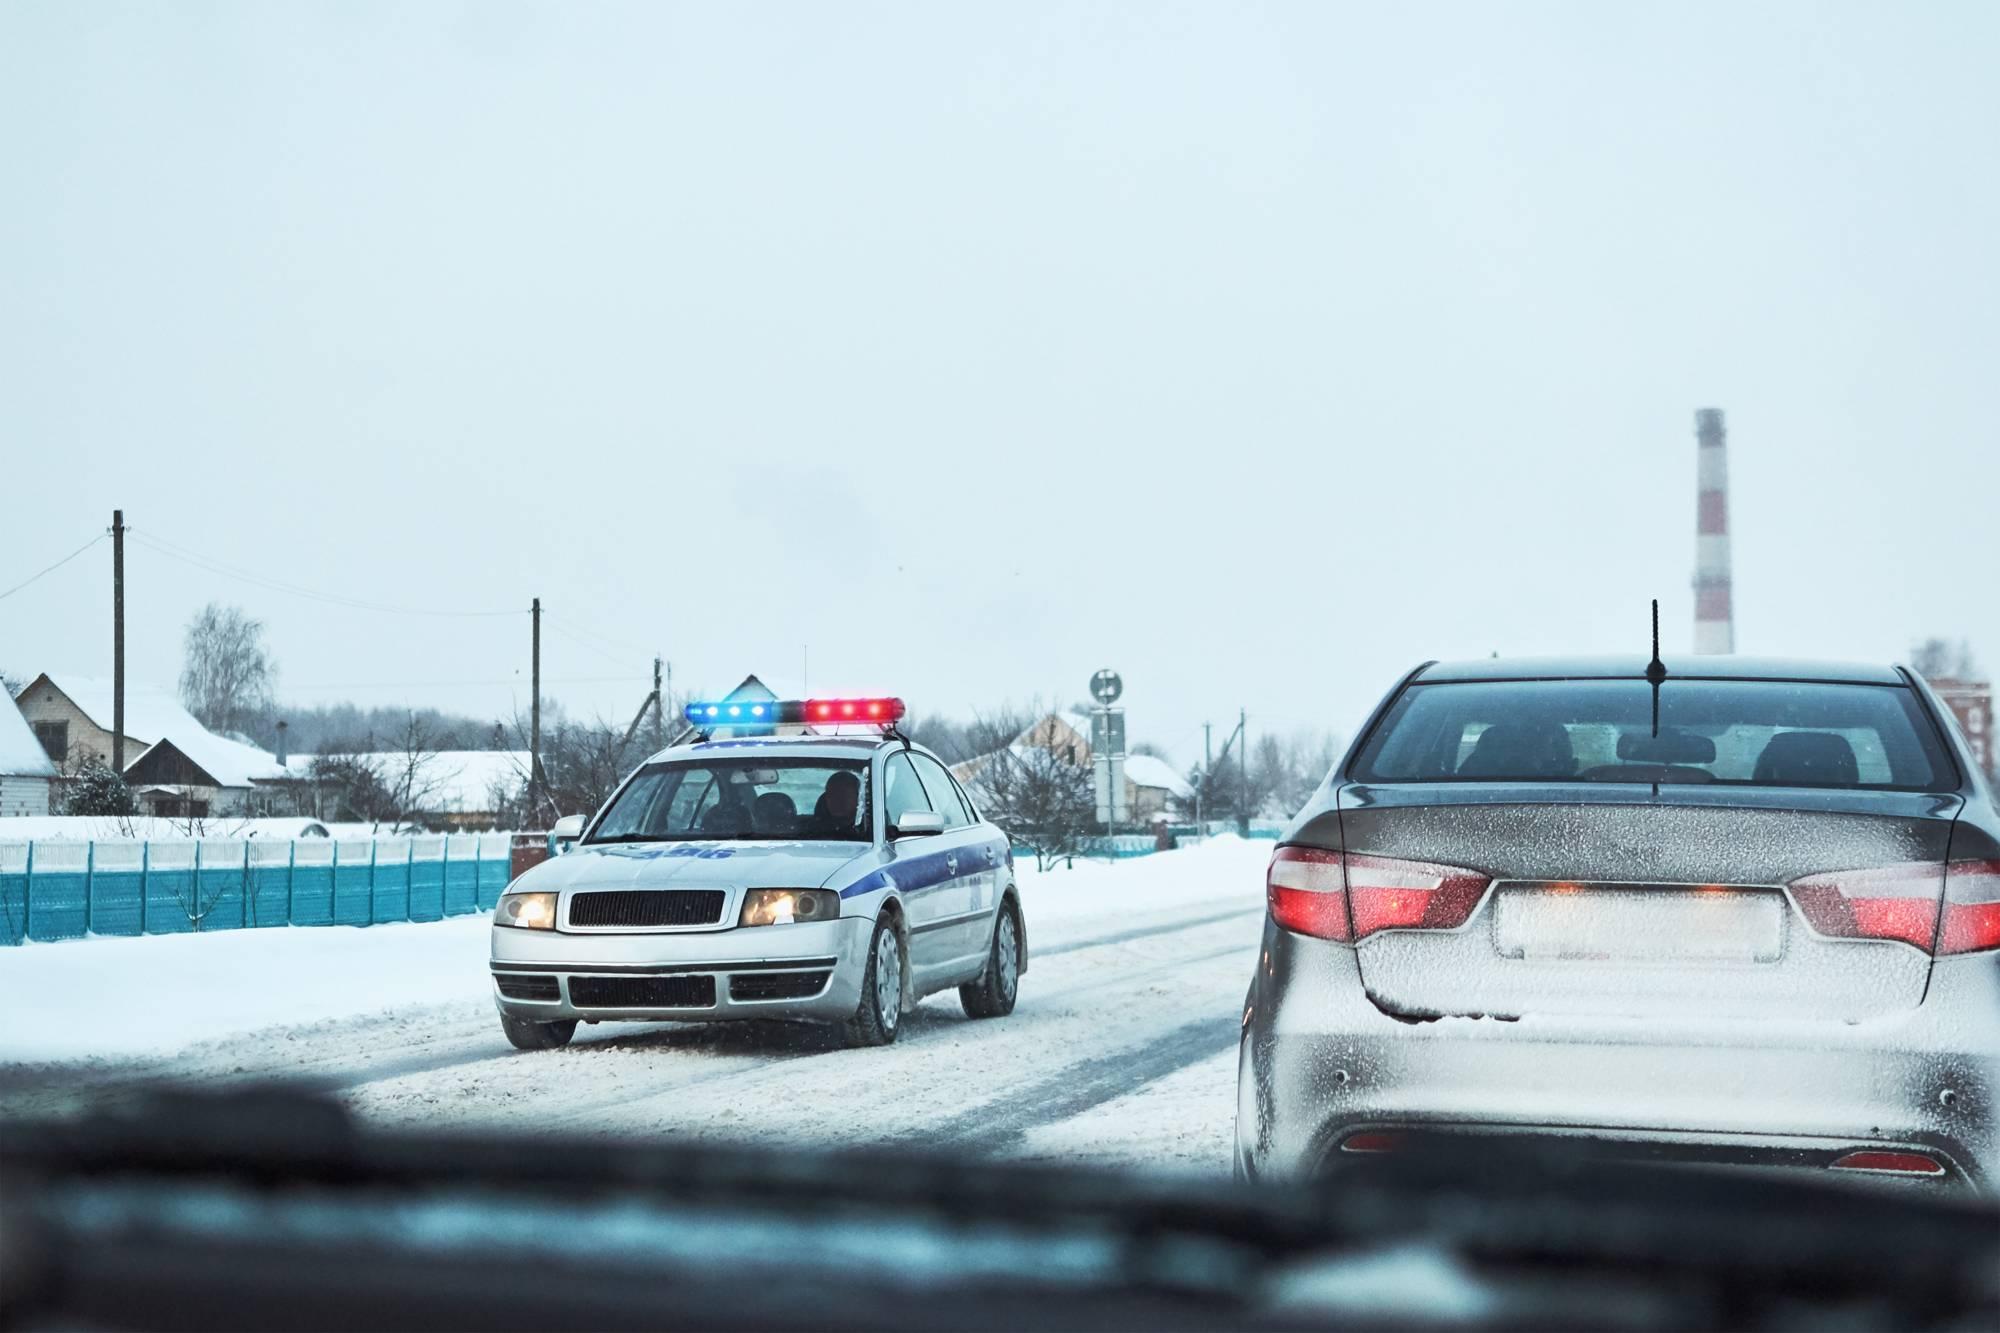 jak zachowywać się w obecności pojazdów uprzywilejowanych w ruchu drogowym?